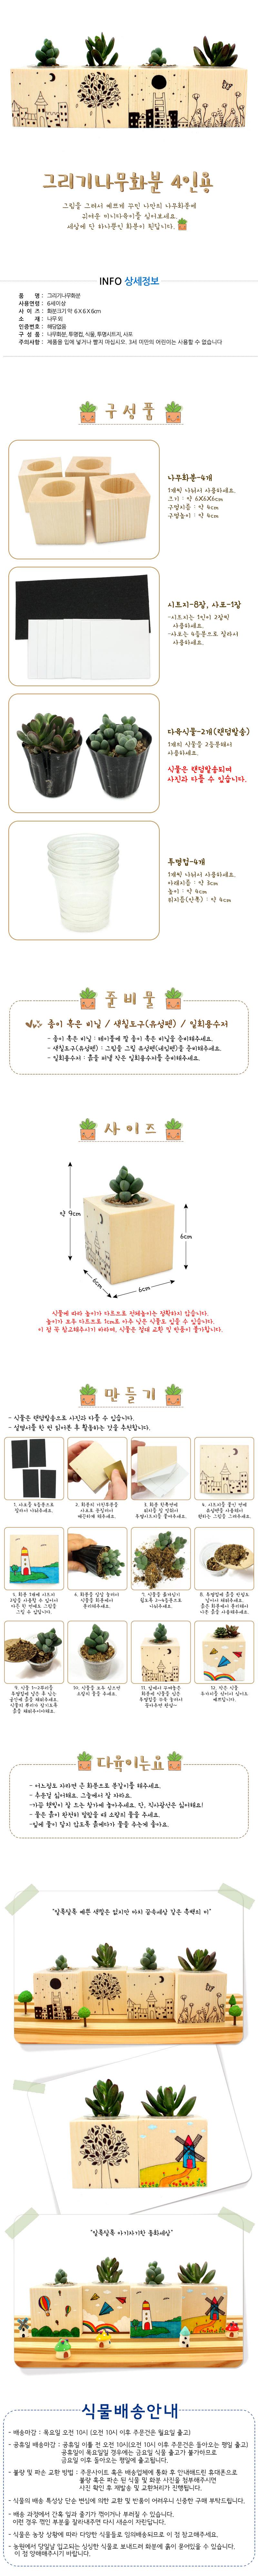 그리기나무화분 (4인용세트) - 에코키즈, 14,800원, 허브/다육/선인장, 다육/선인장